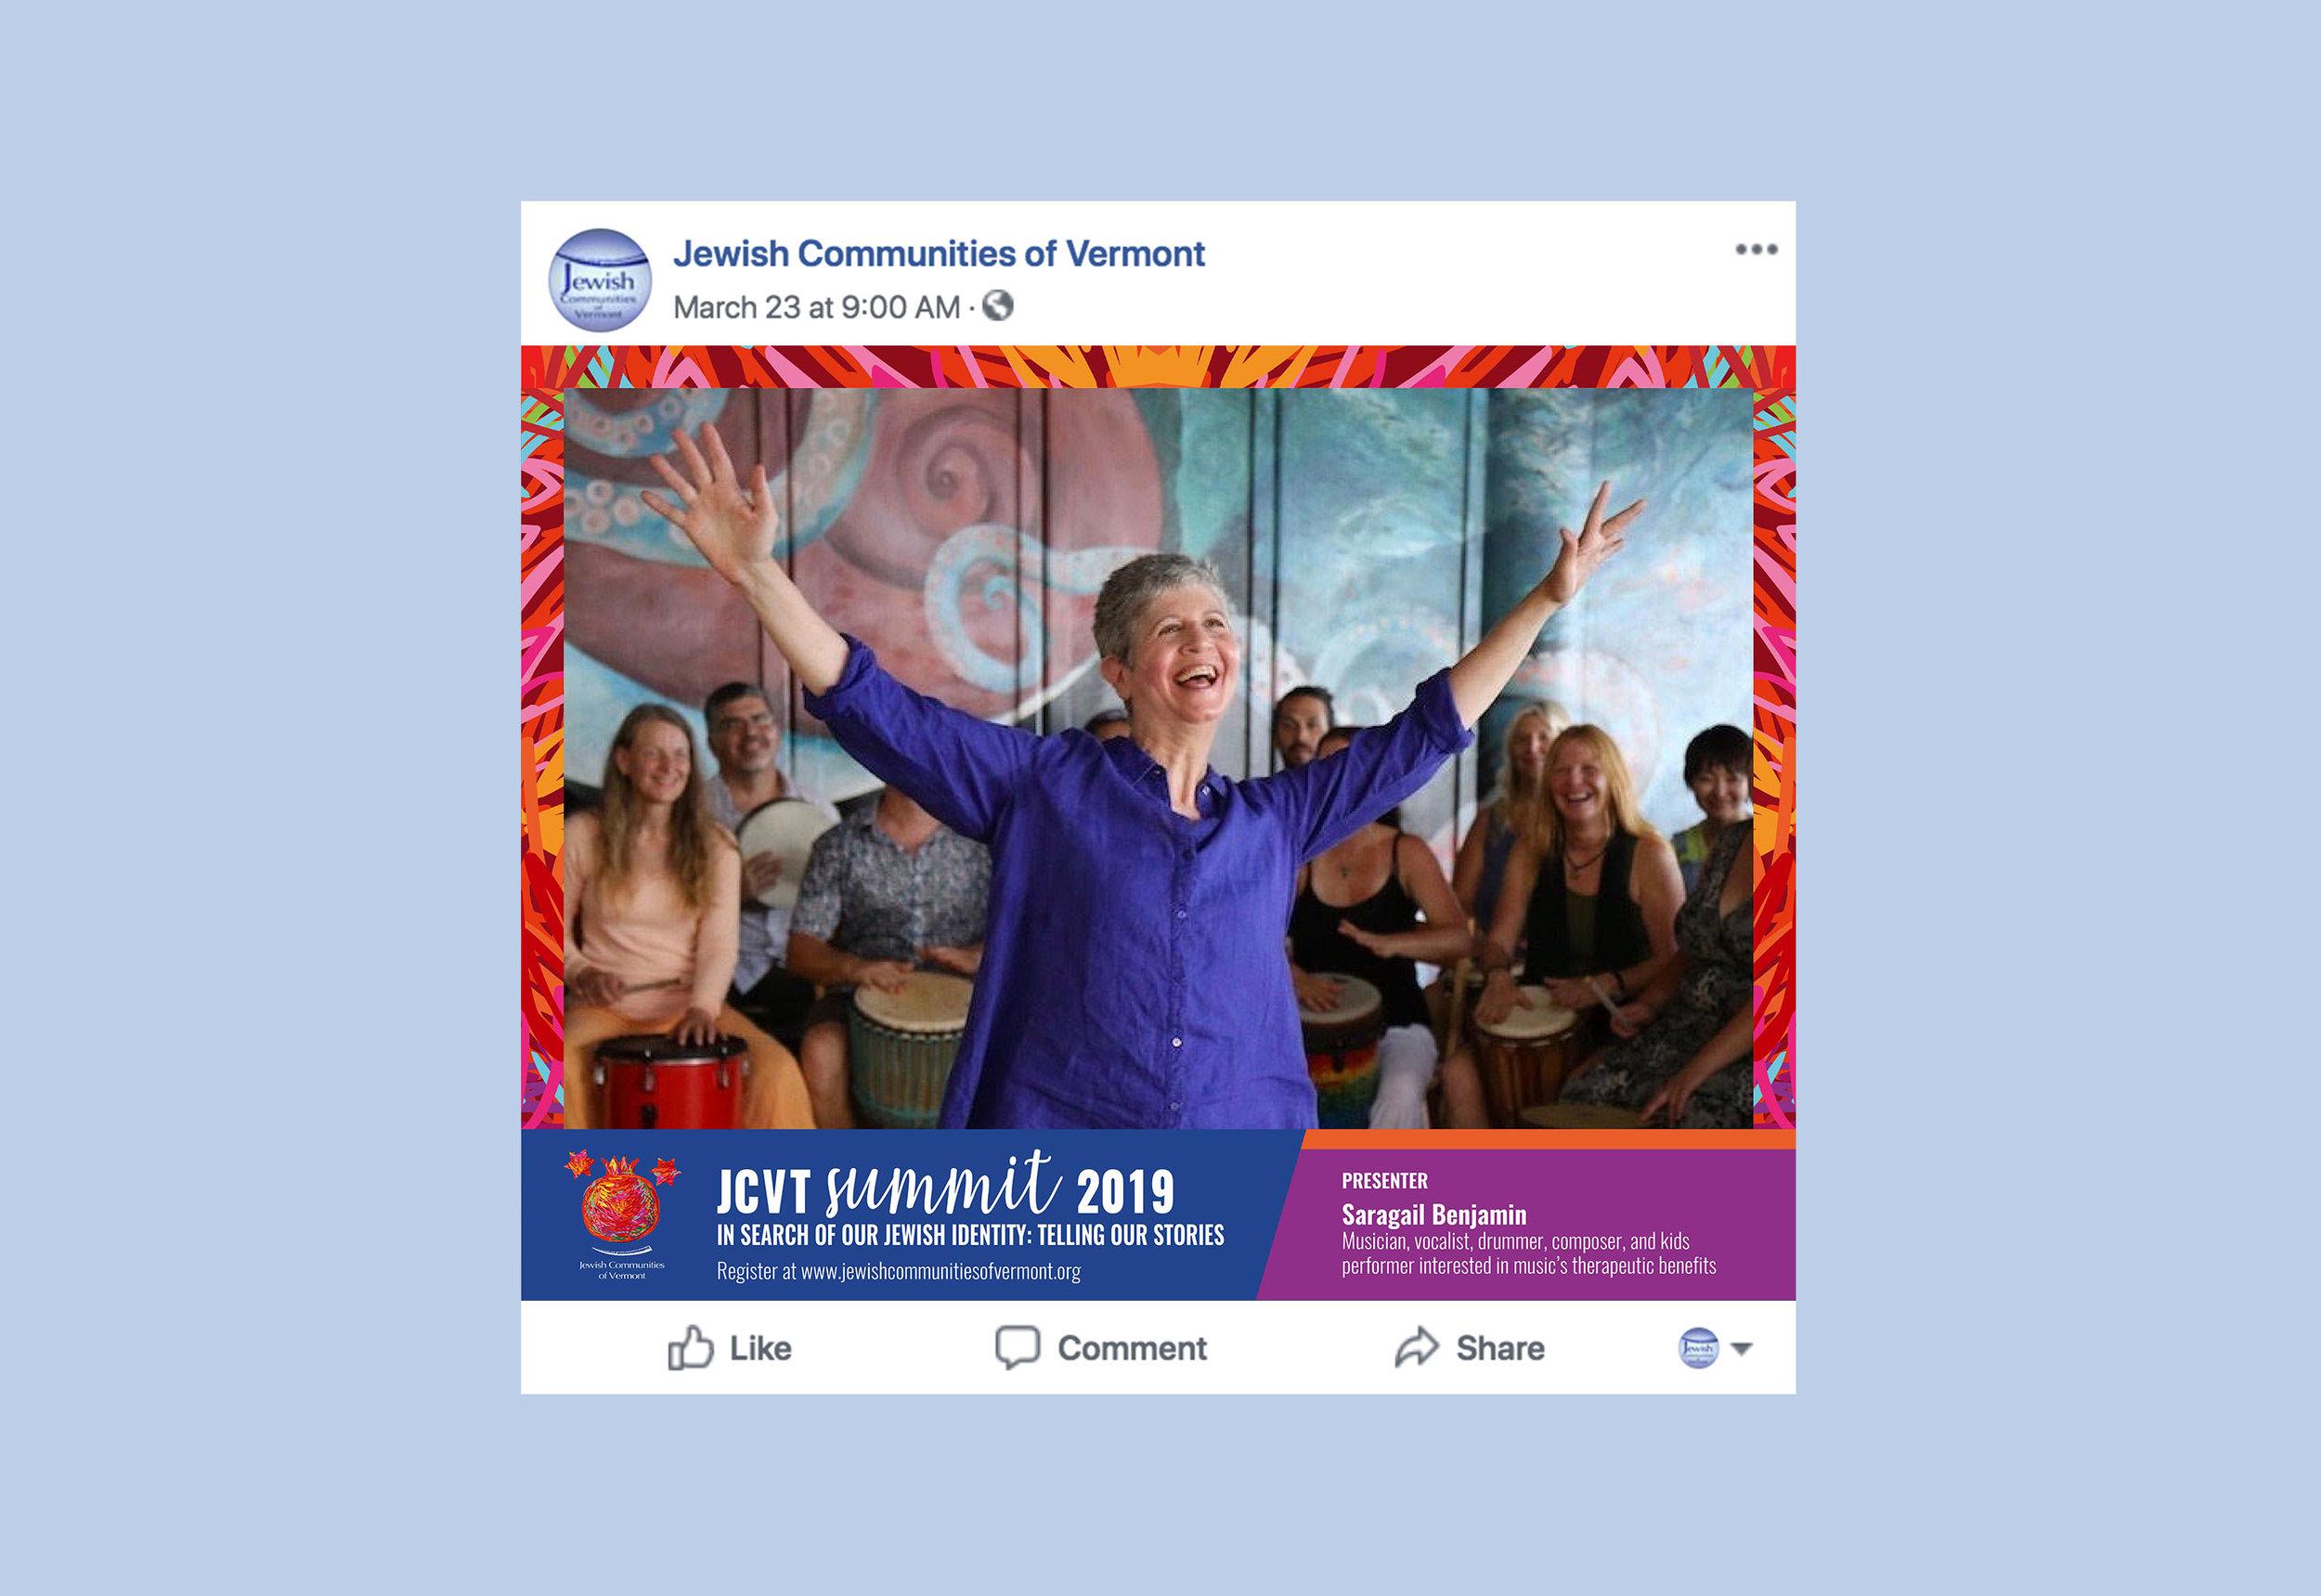 JCVT_Summit_Facebook_Mockup_SaragailBenjamin.jpg